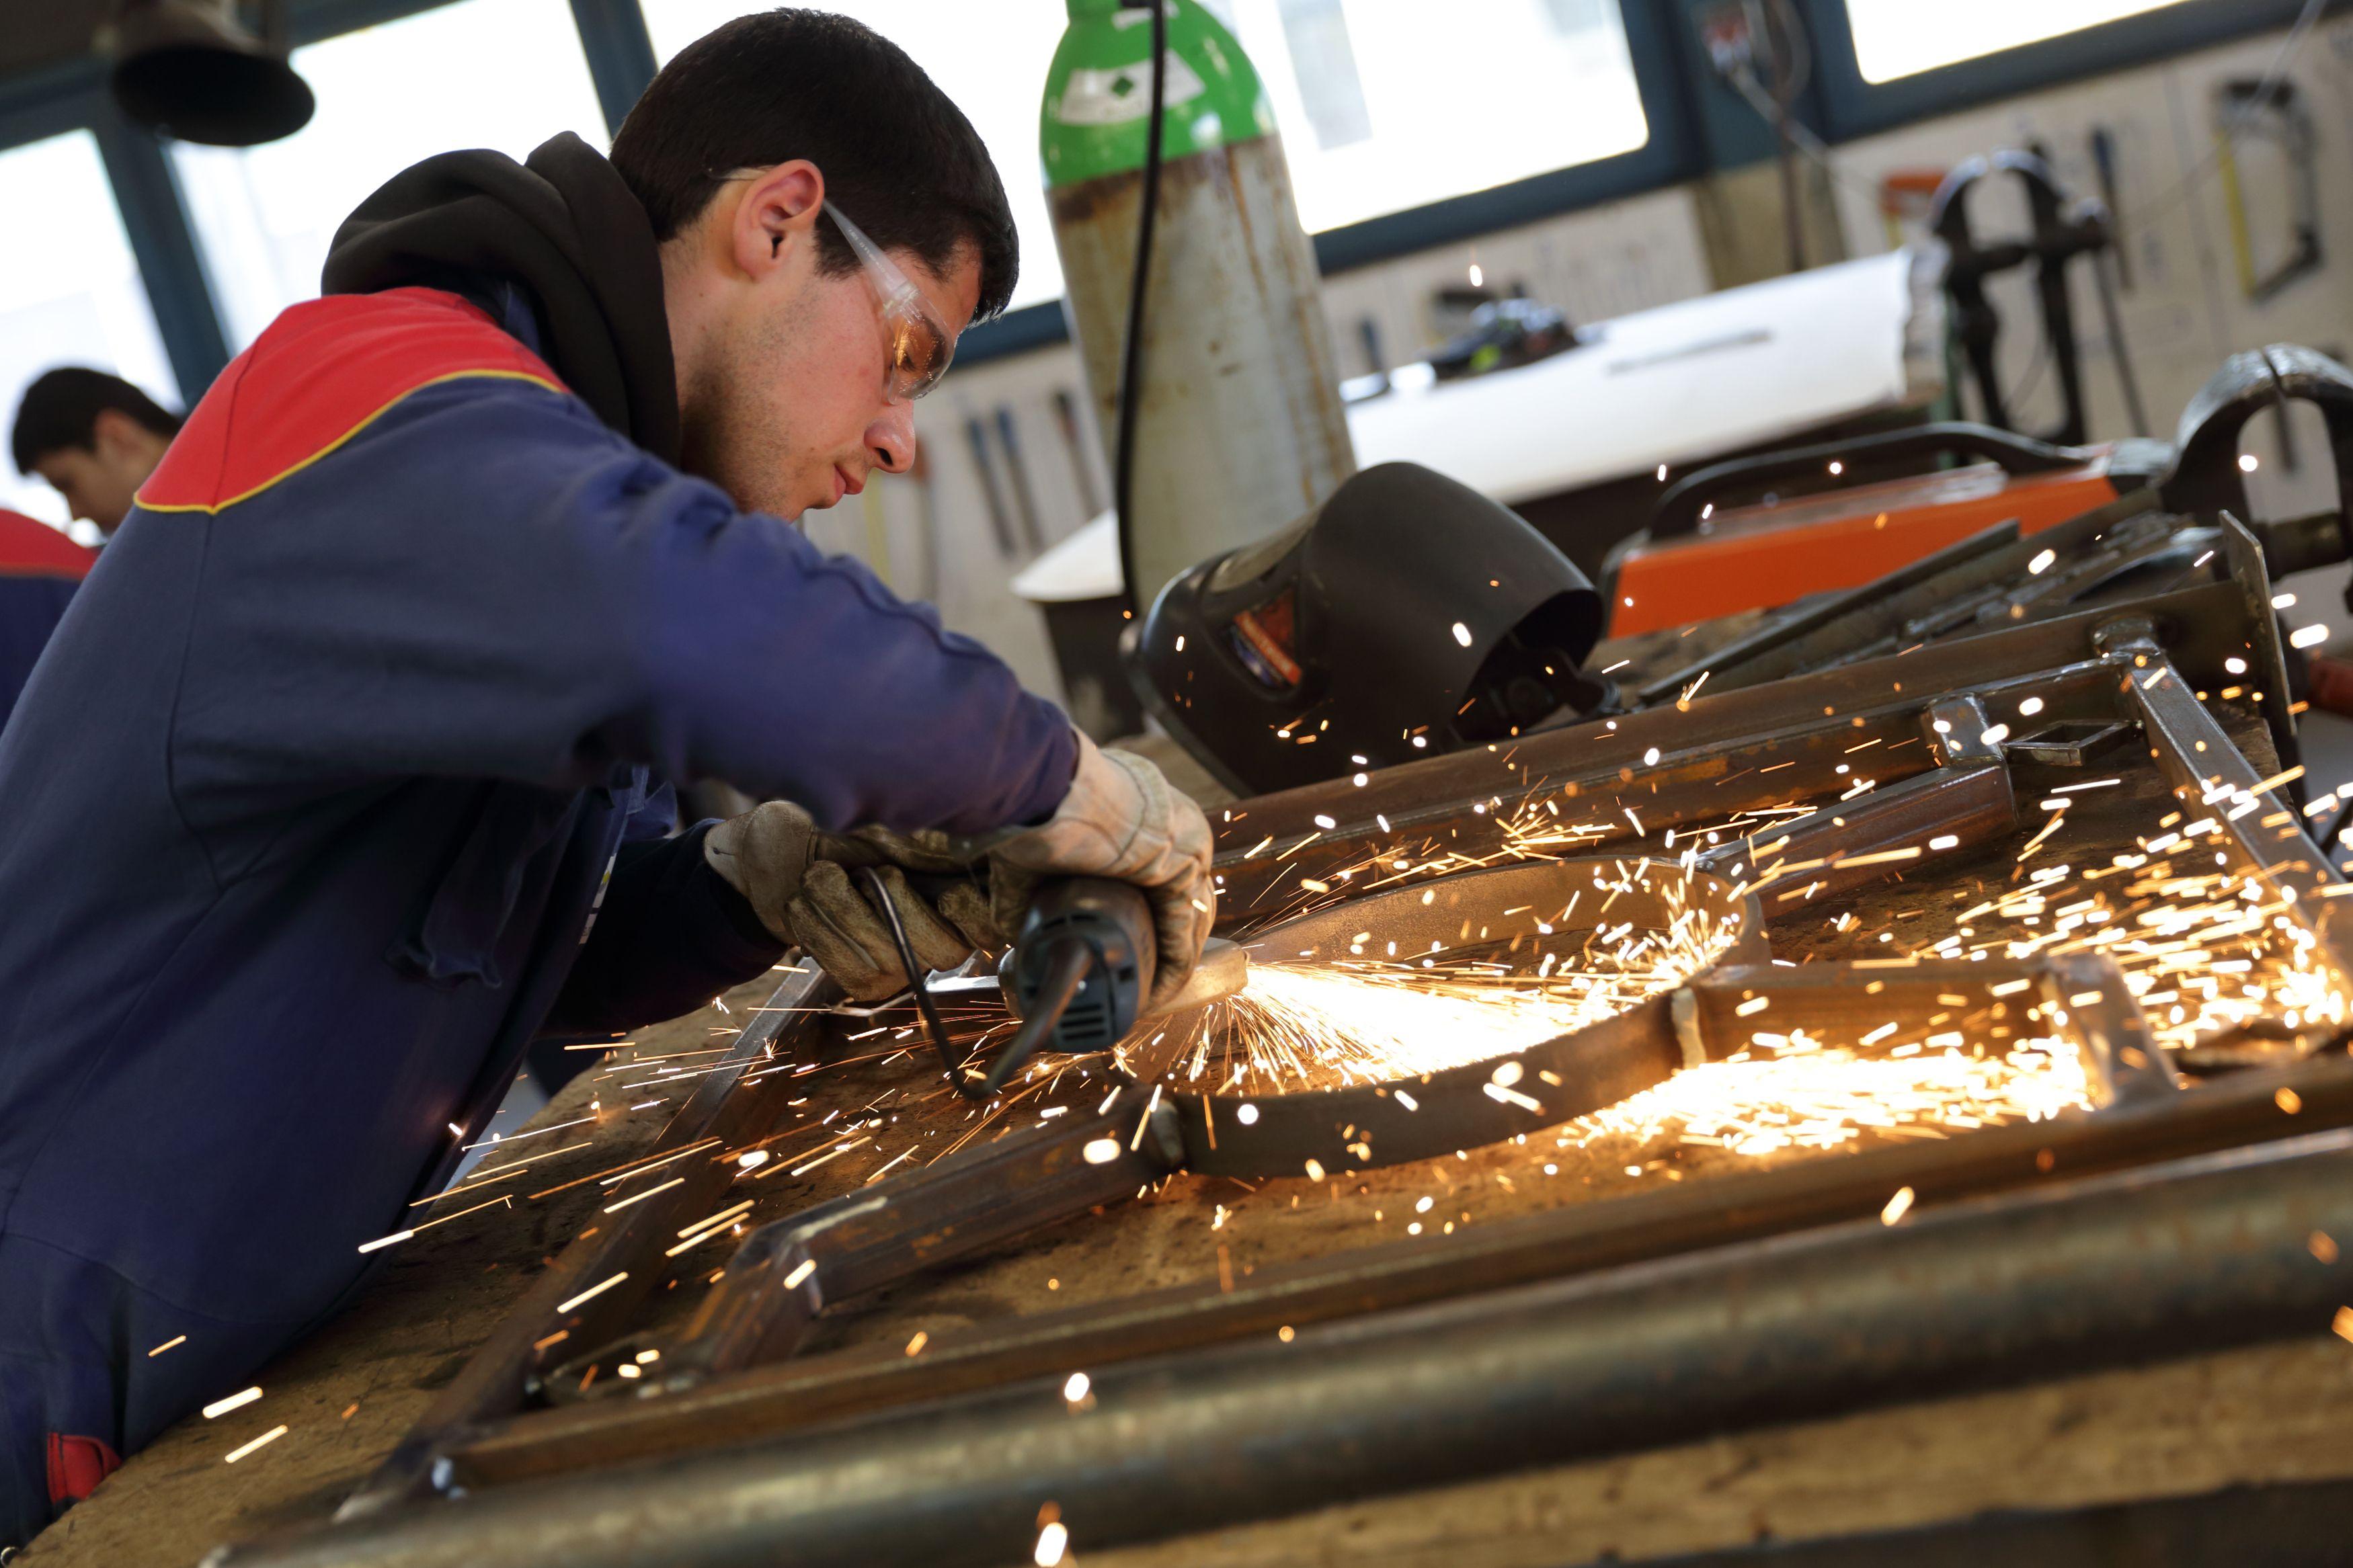 La France continue de créer des emplois industriels alors qu'elle n'ouvre plus d'usine. Bizarre